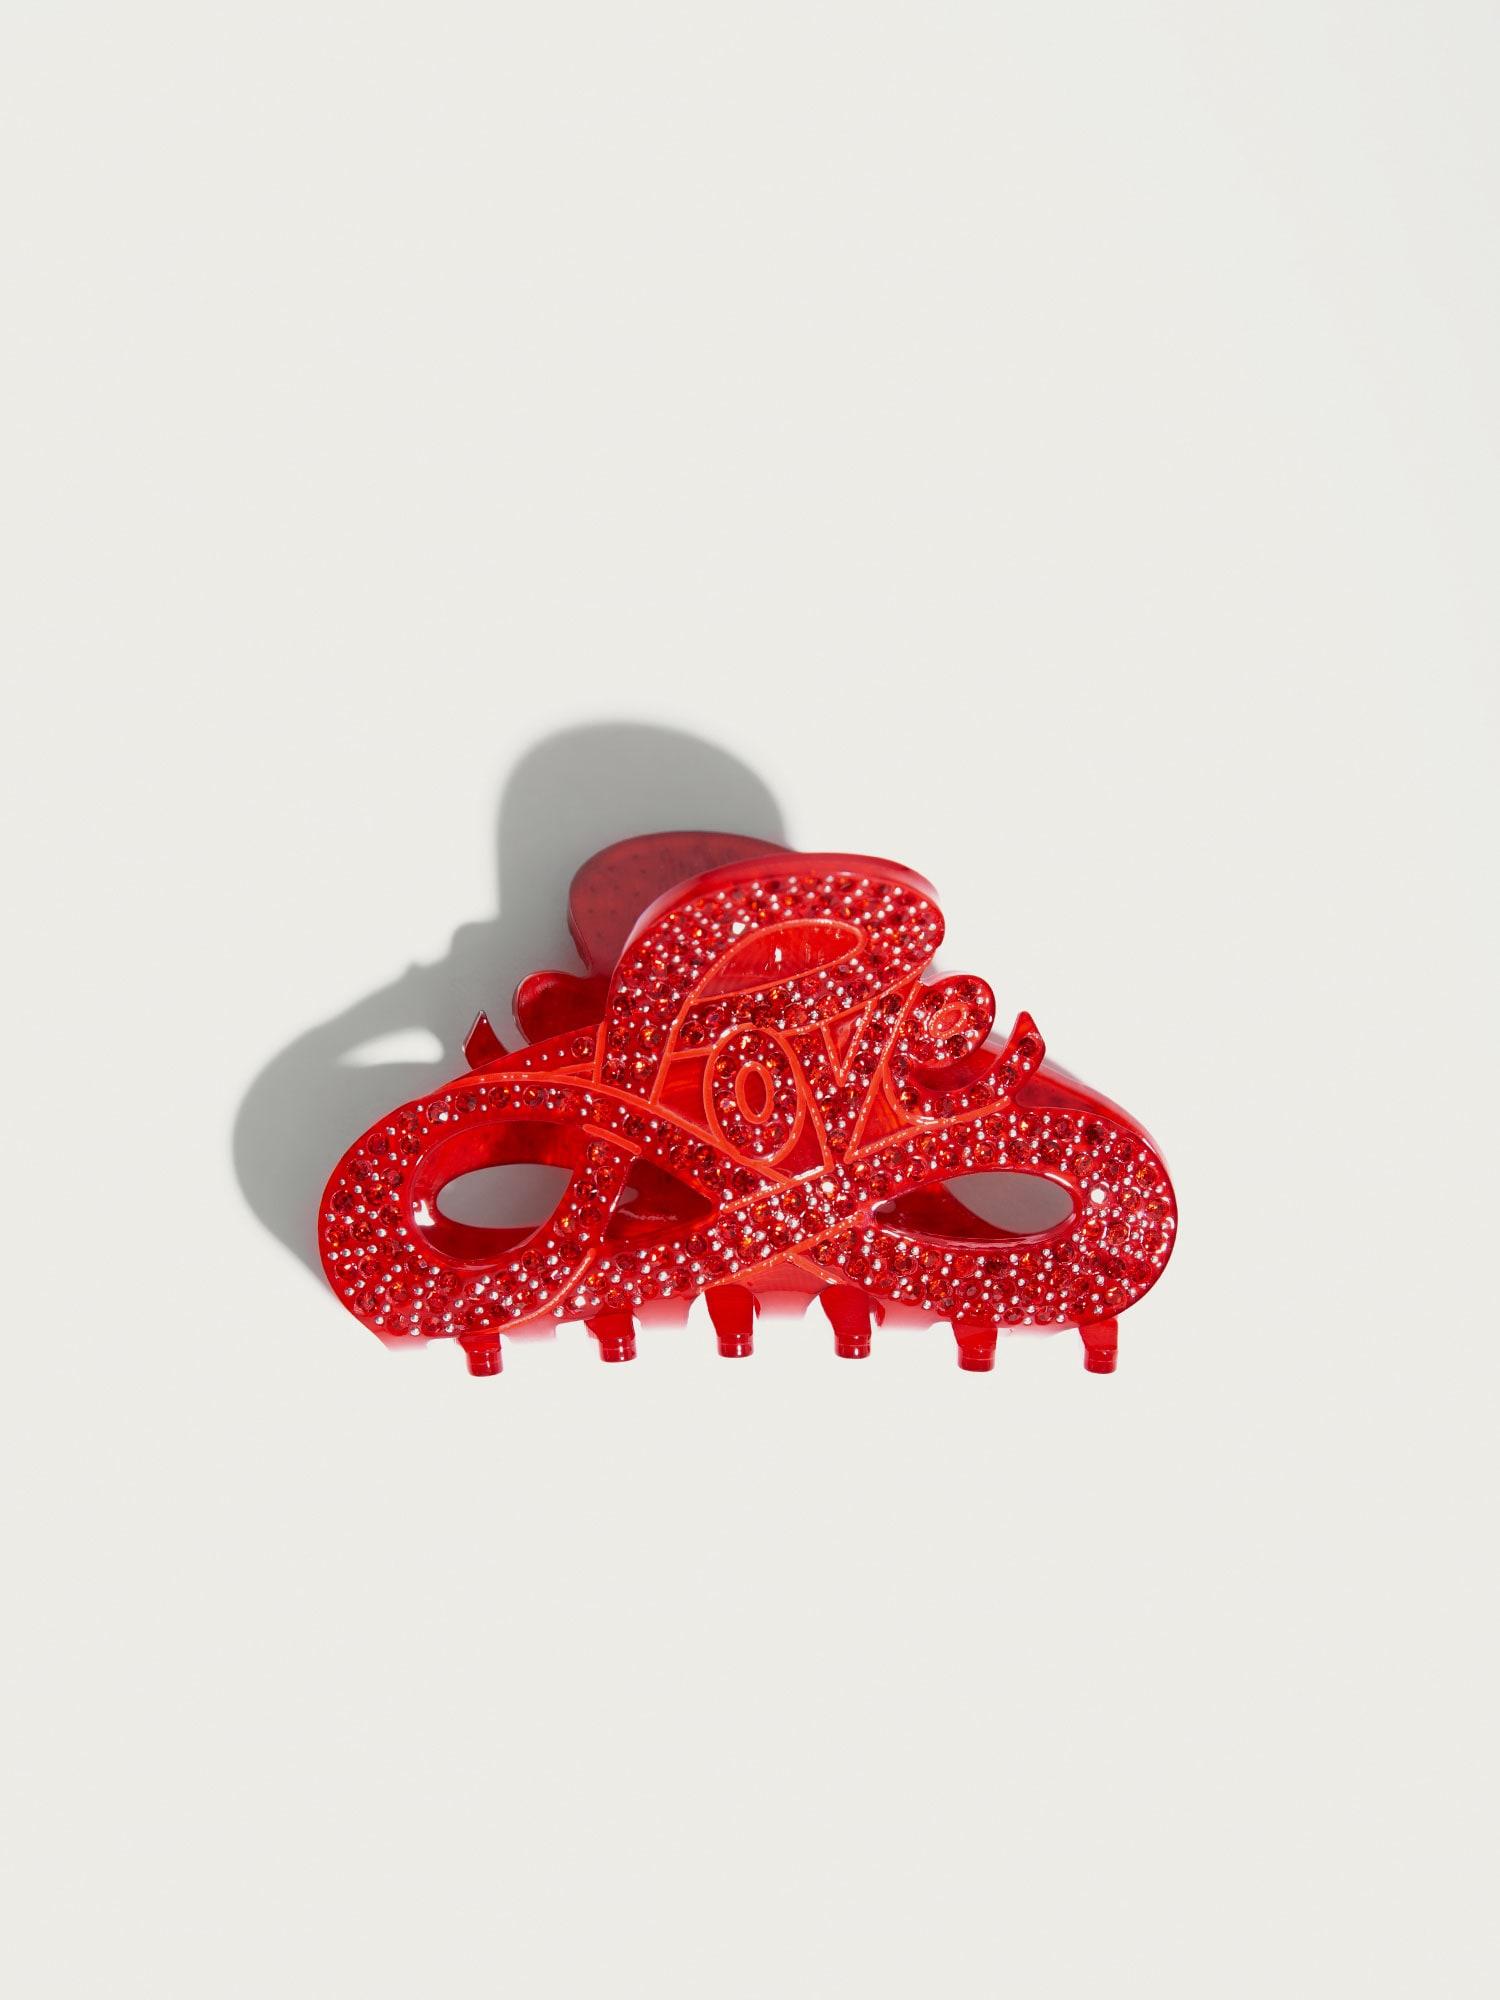 Šperky do vlasů Love červená stříbrná Pico For EDITED